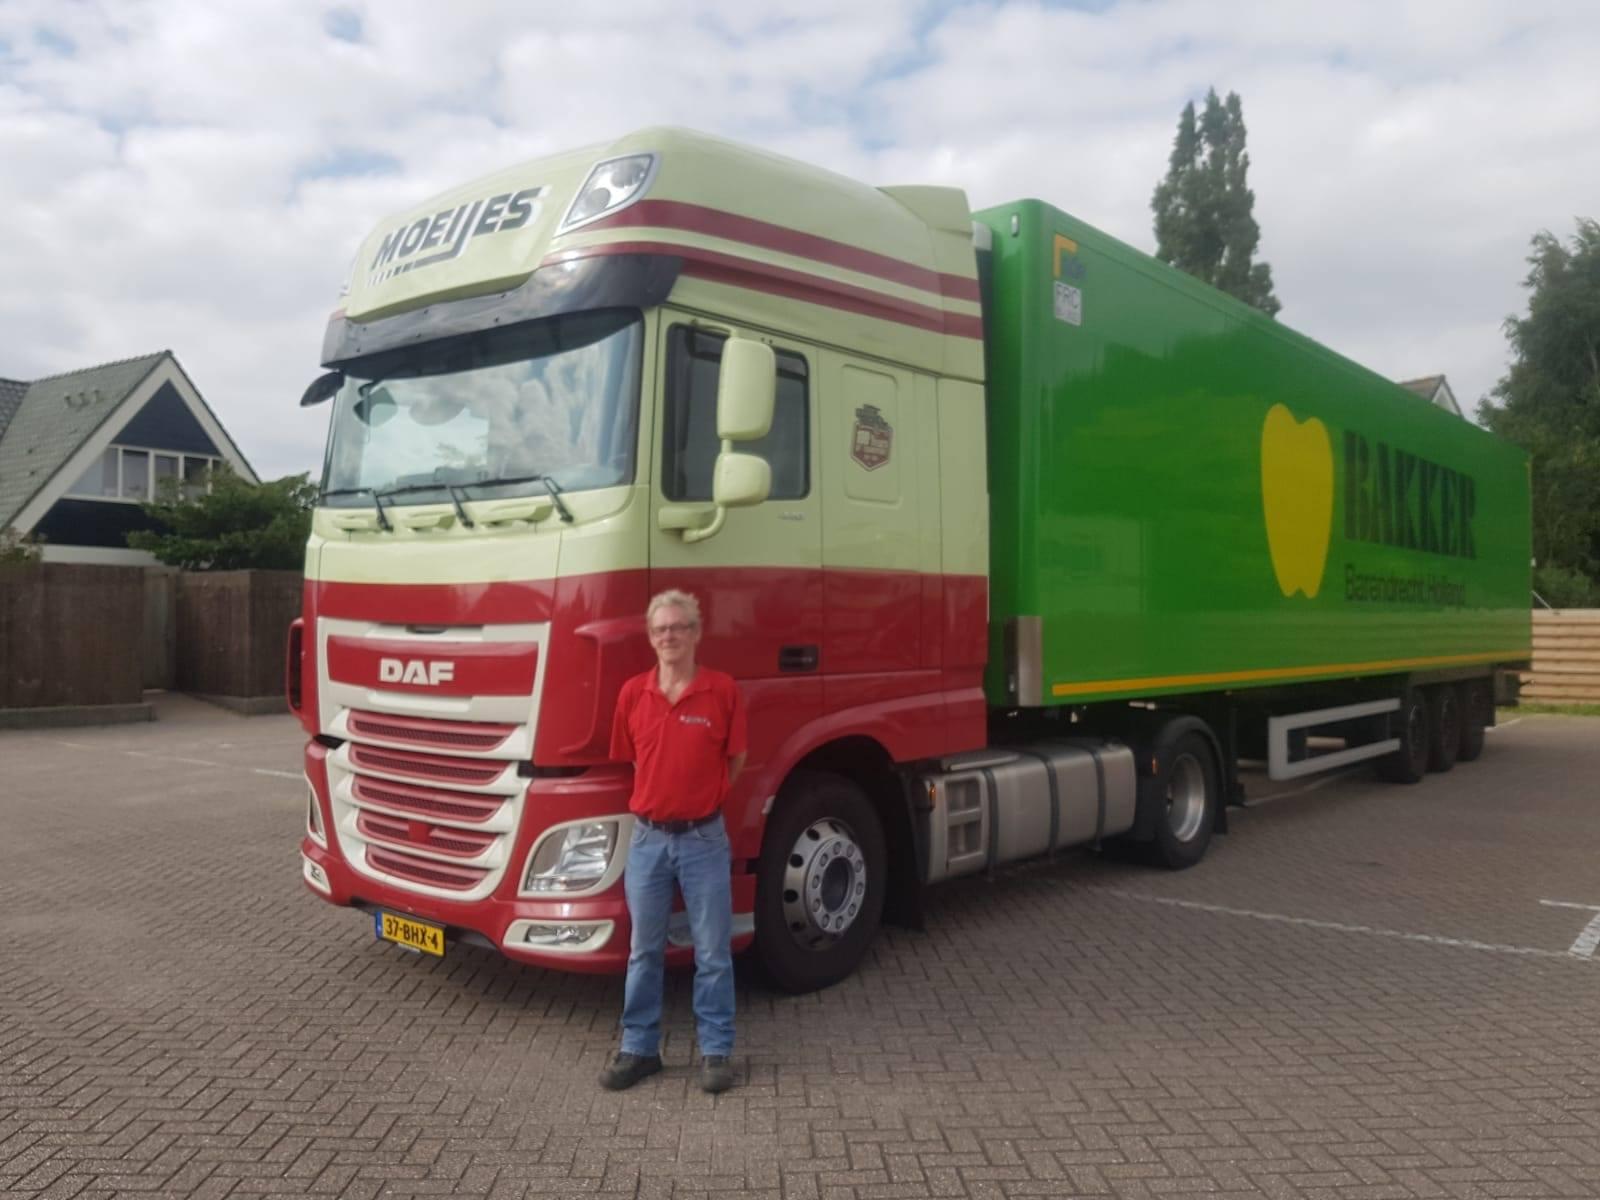 Gefeliciteerd-Rennie-Meijer-met-12-5-jaar-chauffeur-bij-Moeijes--Nog-1-jaar-tot-pensioen--maar-still-going-strong-11-7-2018